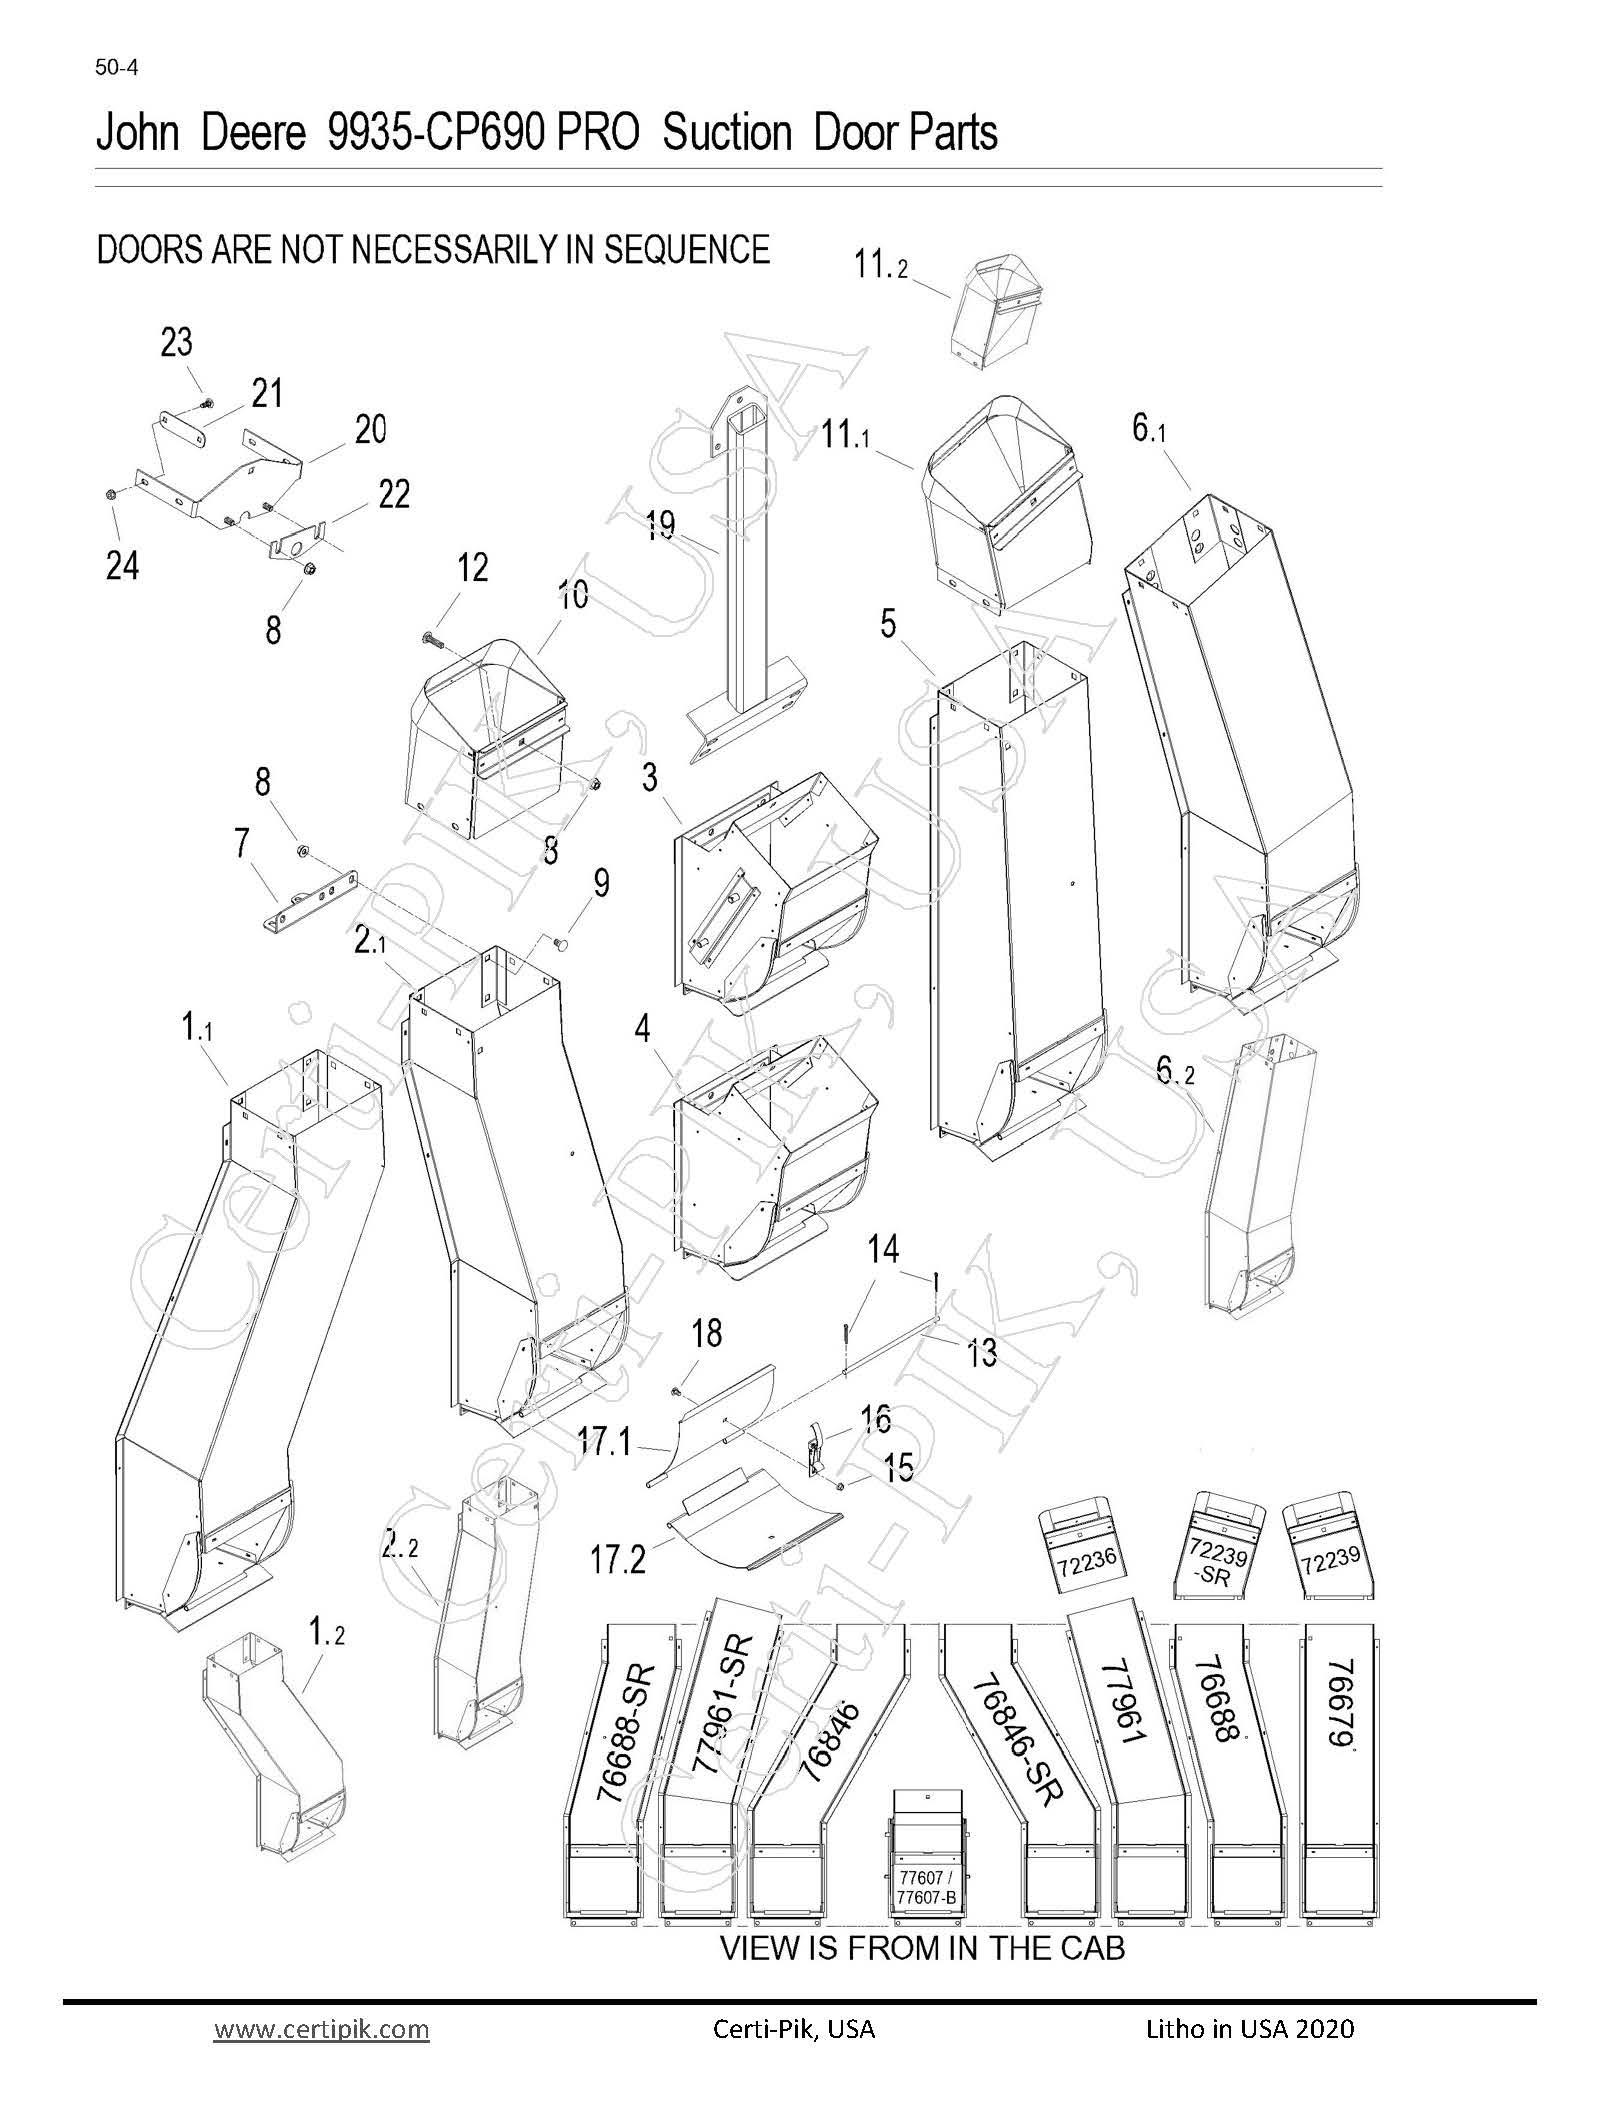 John Deere 9935-CP690 Pro Suction Door Parts